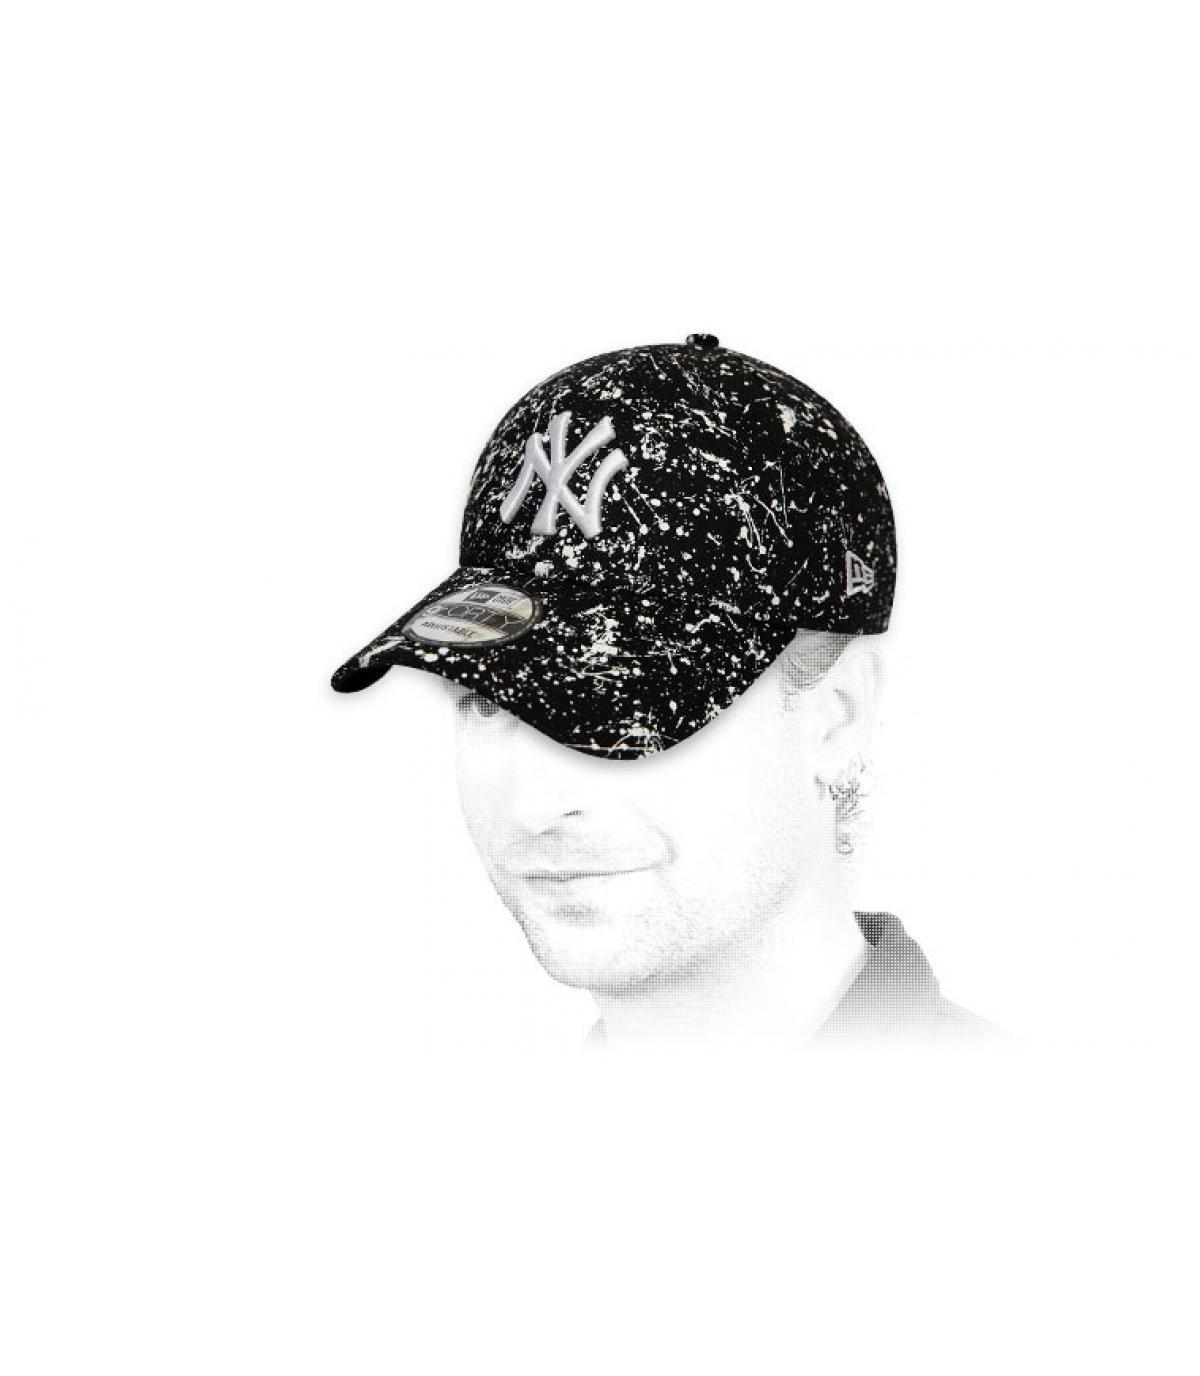 zwarte NY cap met opdruk